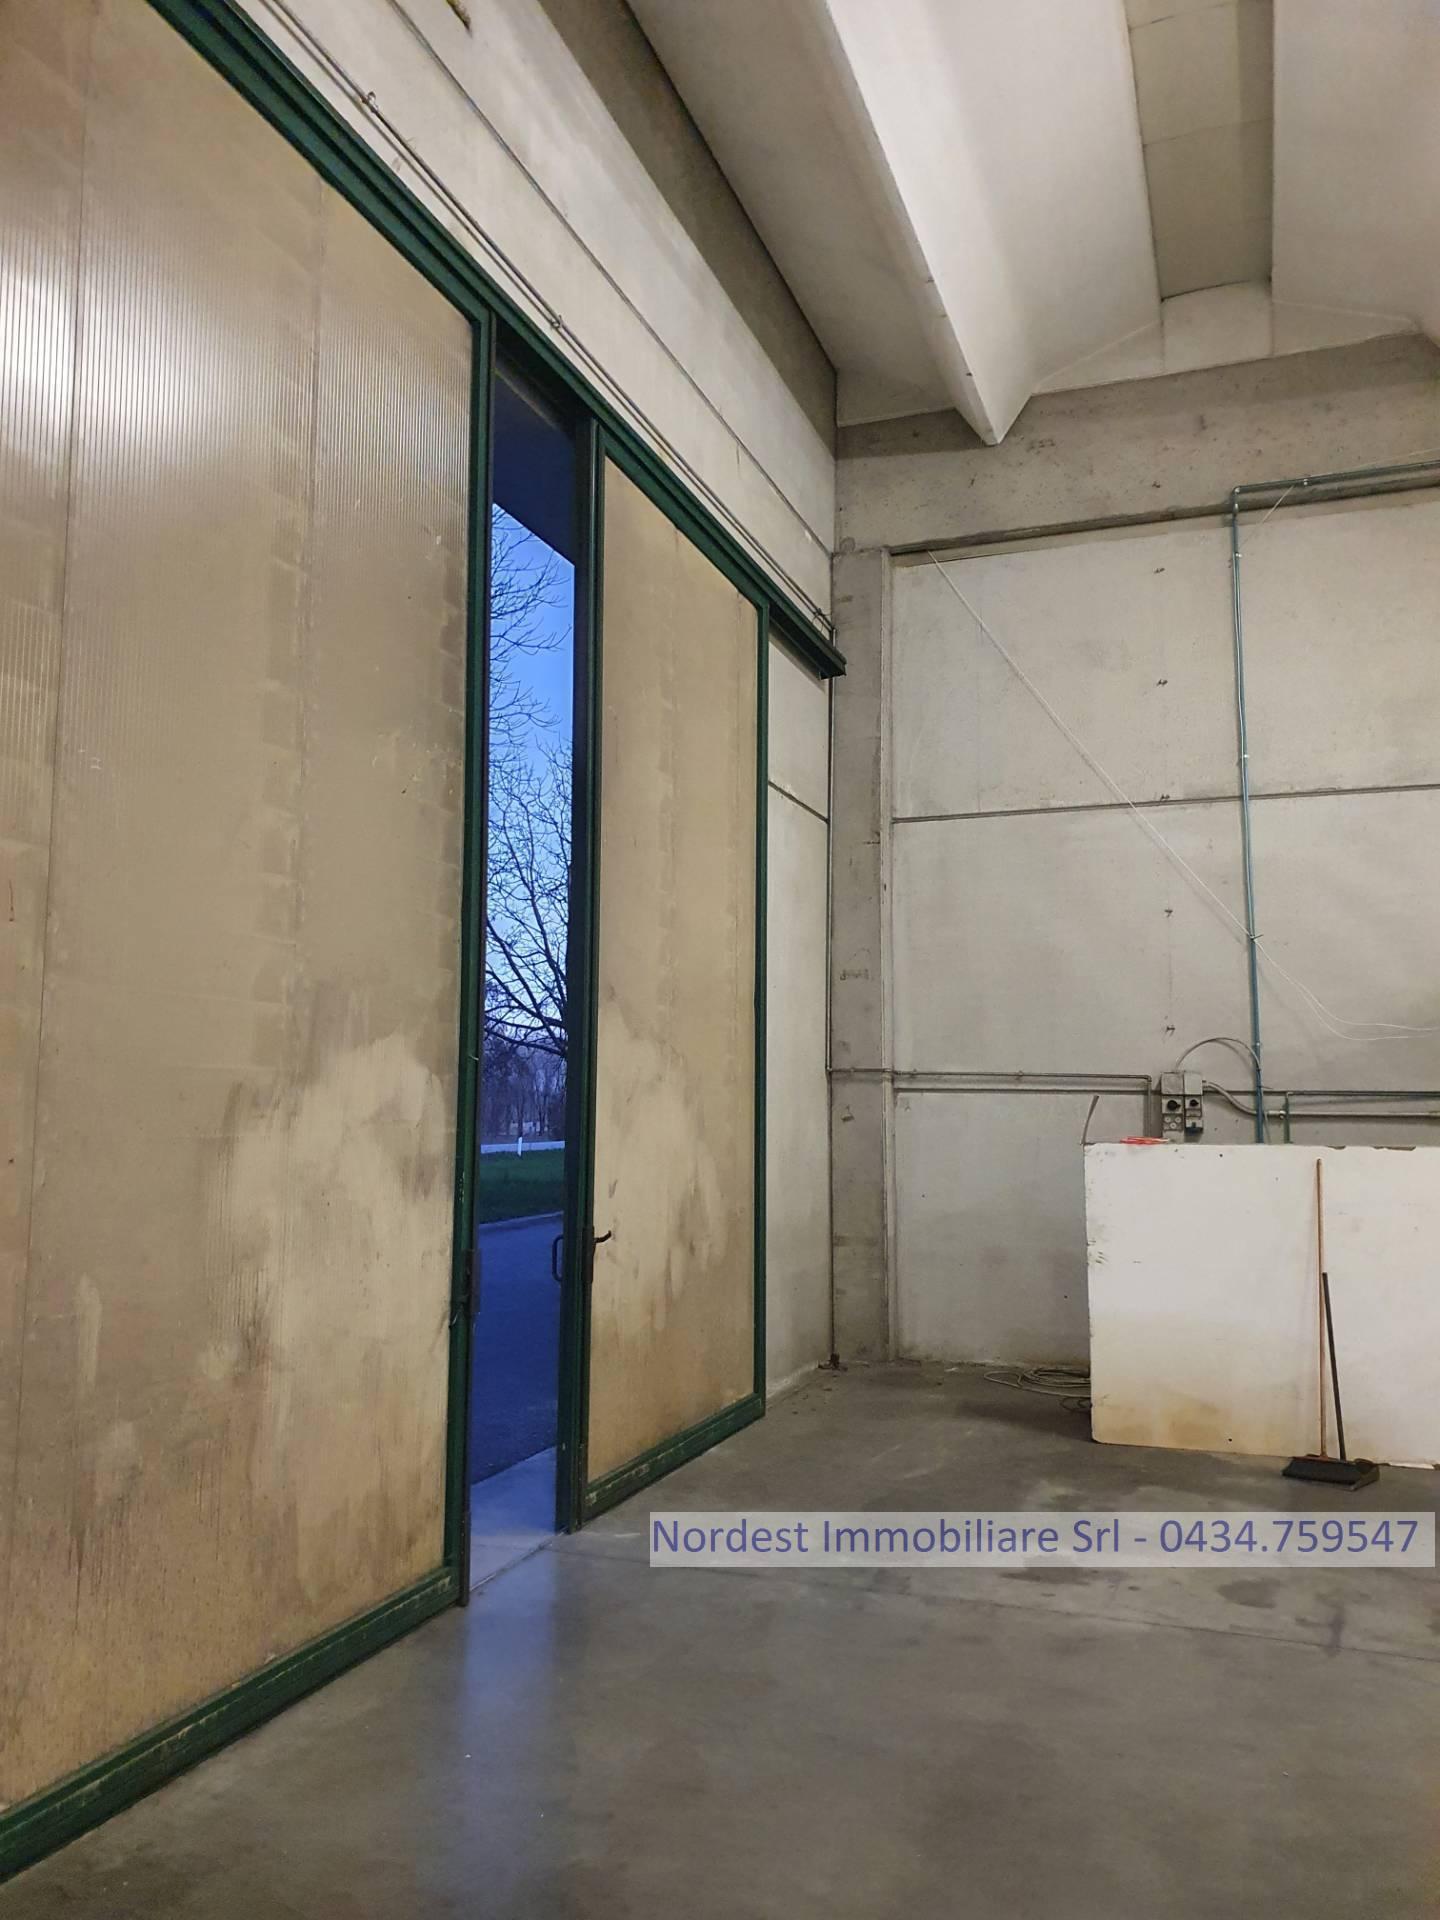 Capannone in vendita a Brugnera, 9999 locali, prezzo € 285.000 | CambioCasa.it